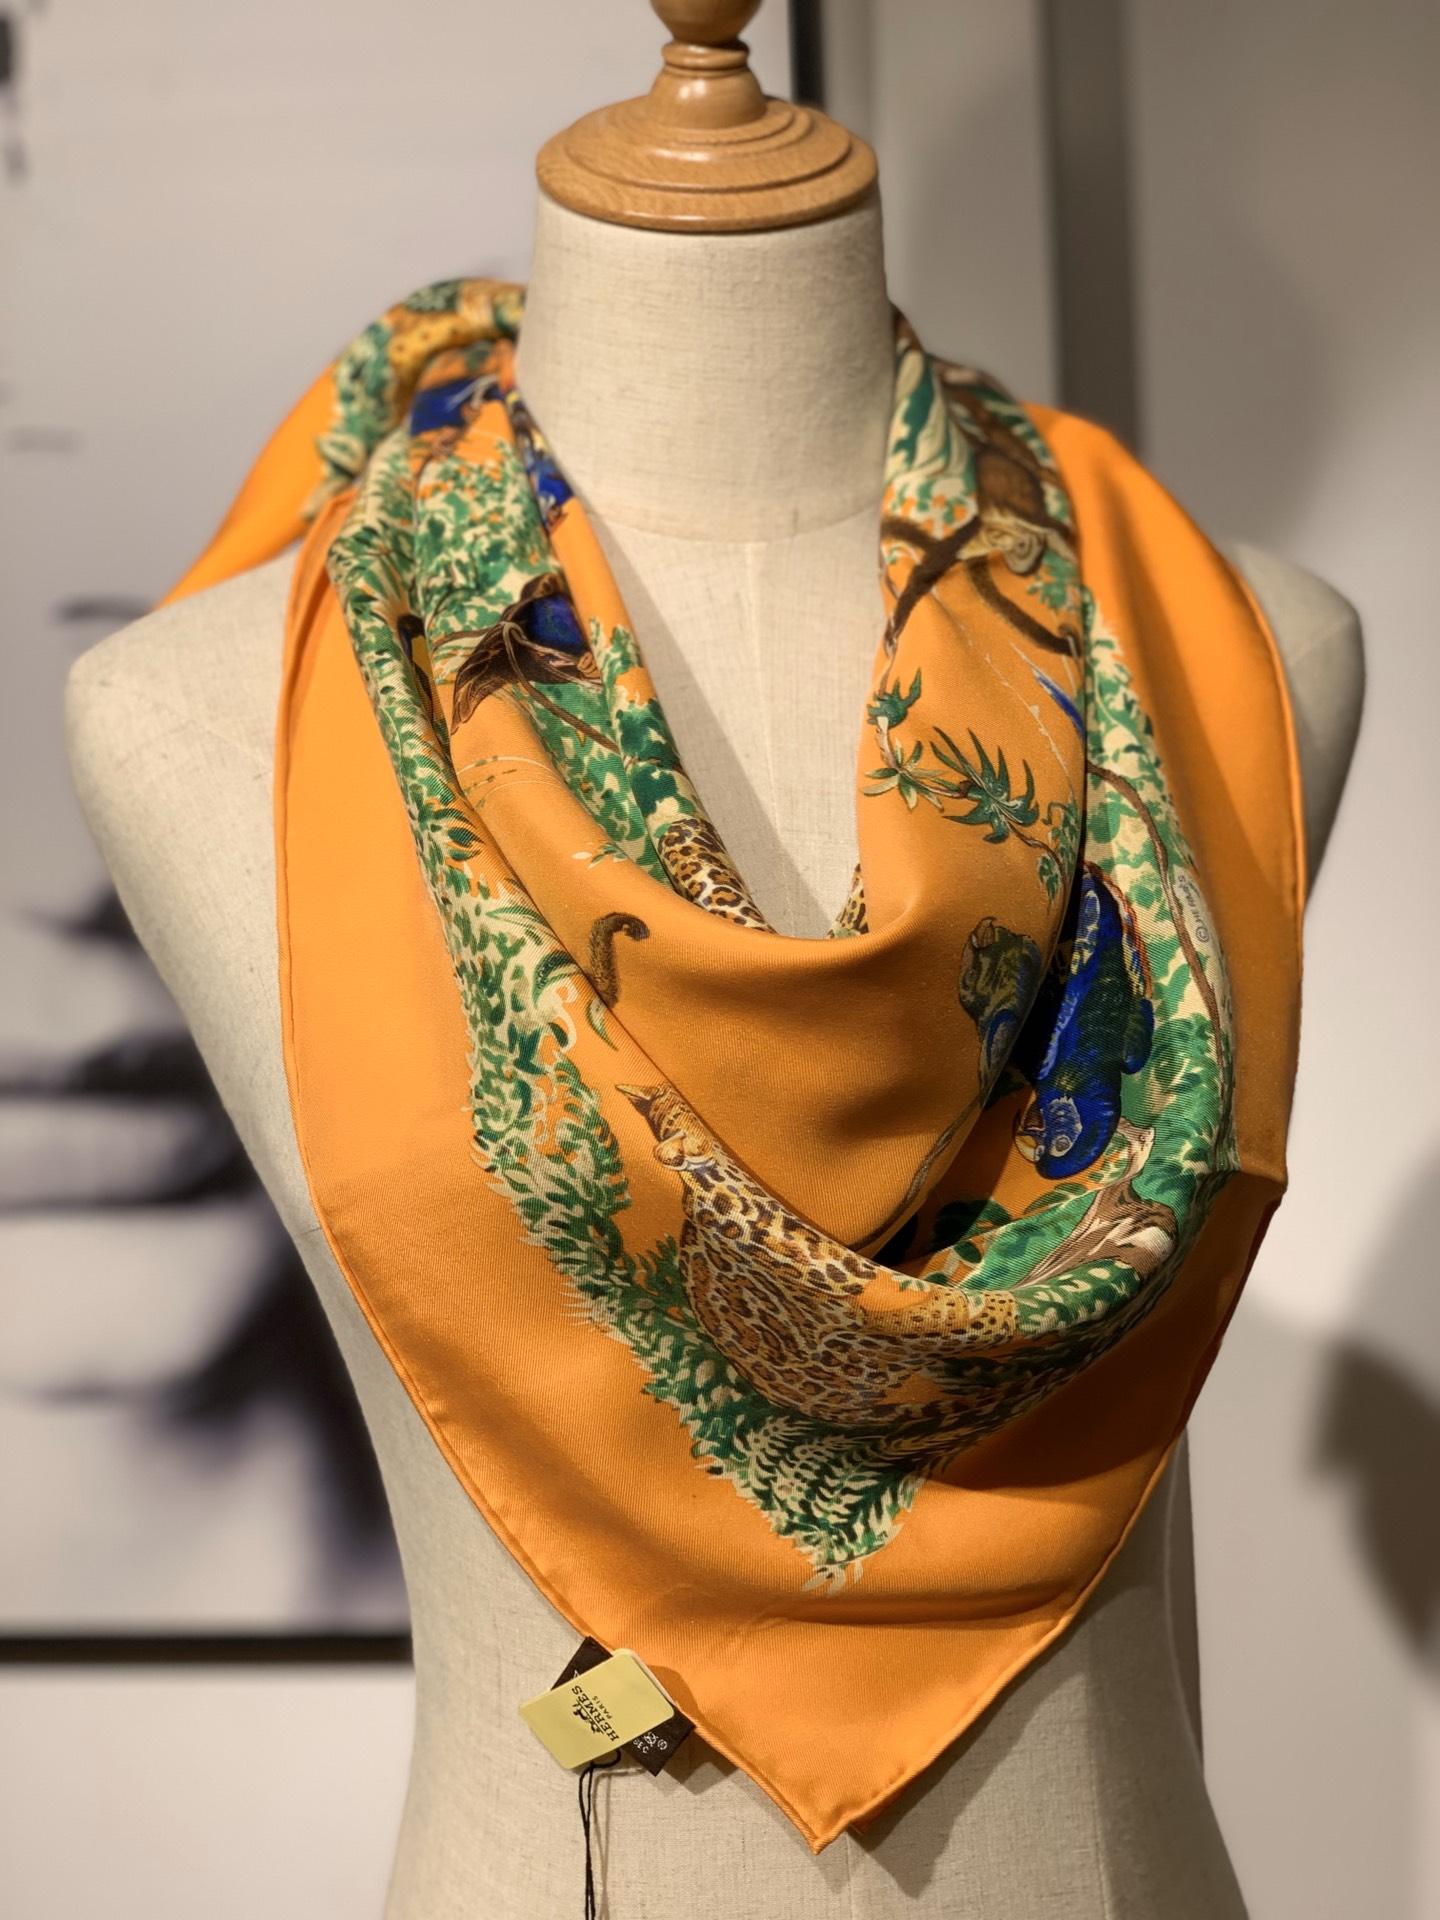 HERMES 《 赤道丛林 》 橙色 · - 90x90cm 100%真丝 全套细节 礼品袋都齐全